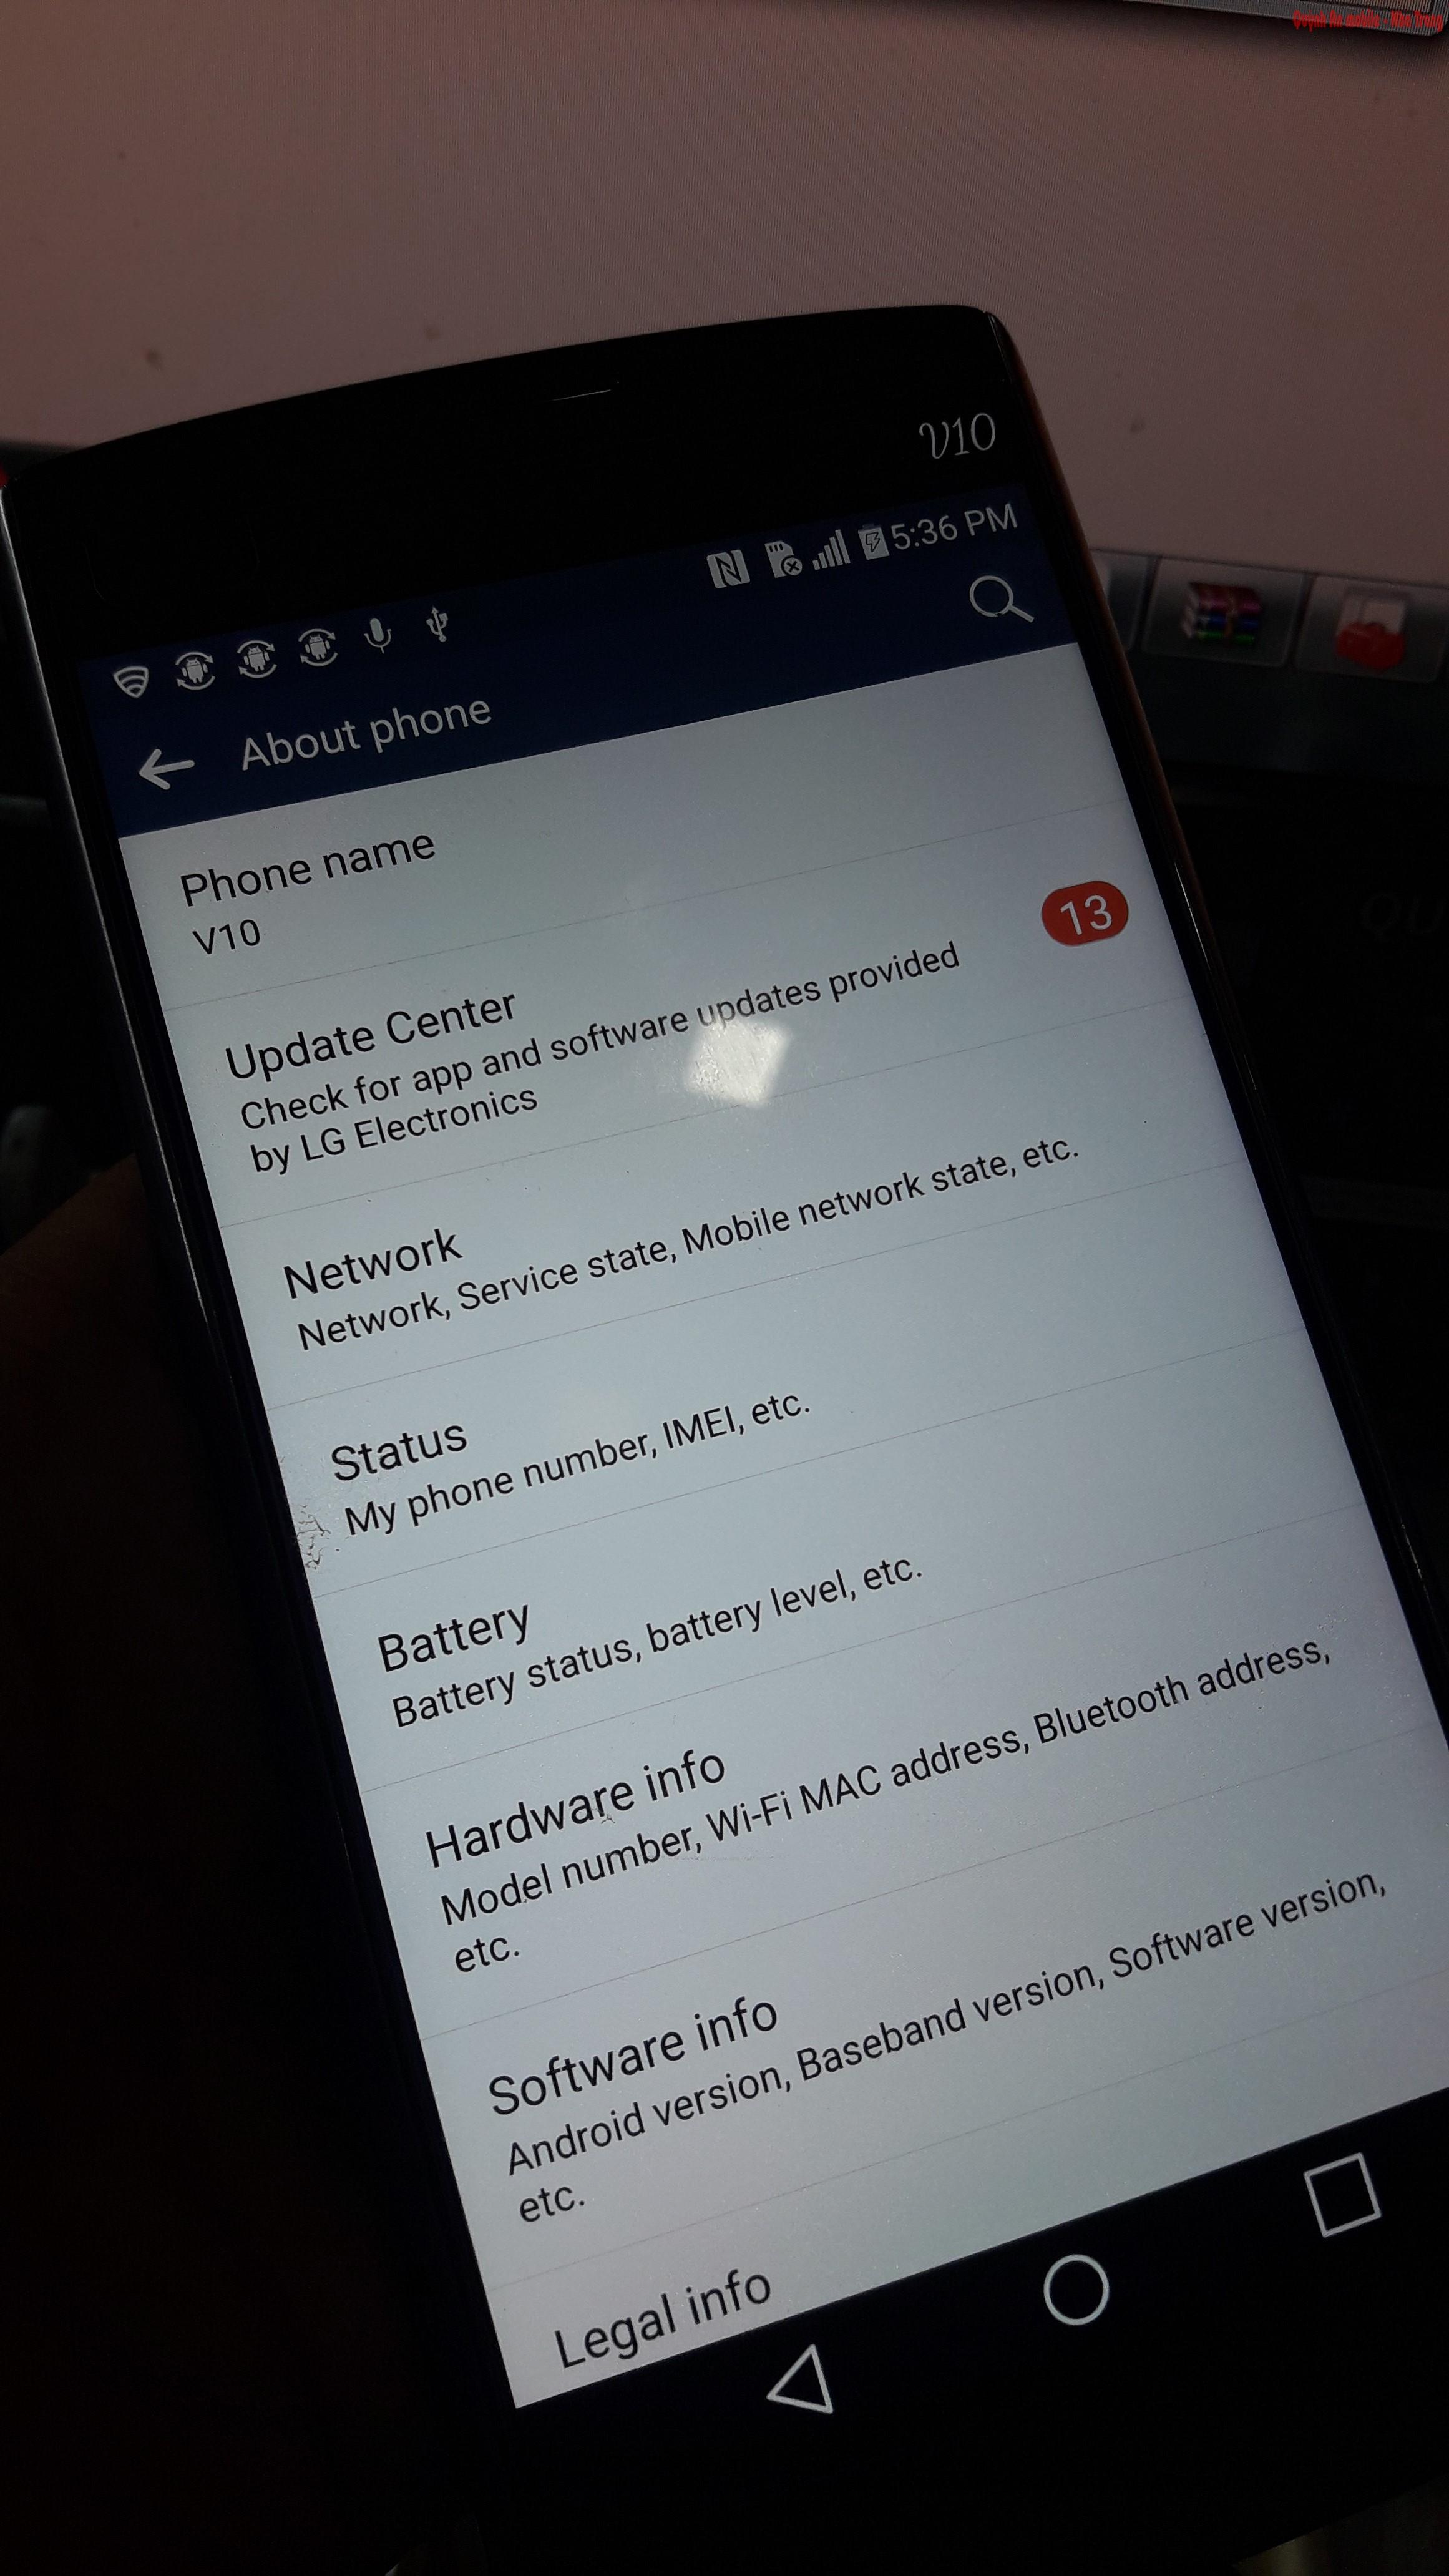 Sau khi xóa tài khoản google cho LG V10 thì mọi chức năng hoạt động bình thường, không bị khóa lại